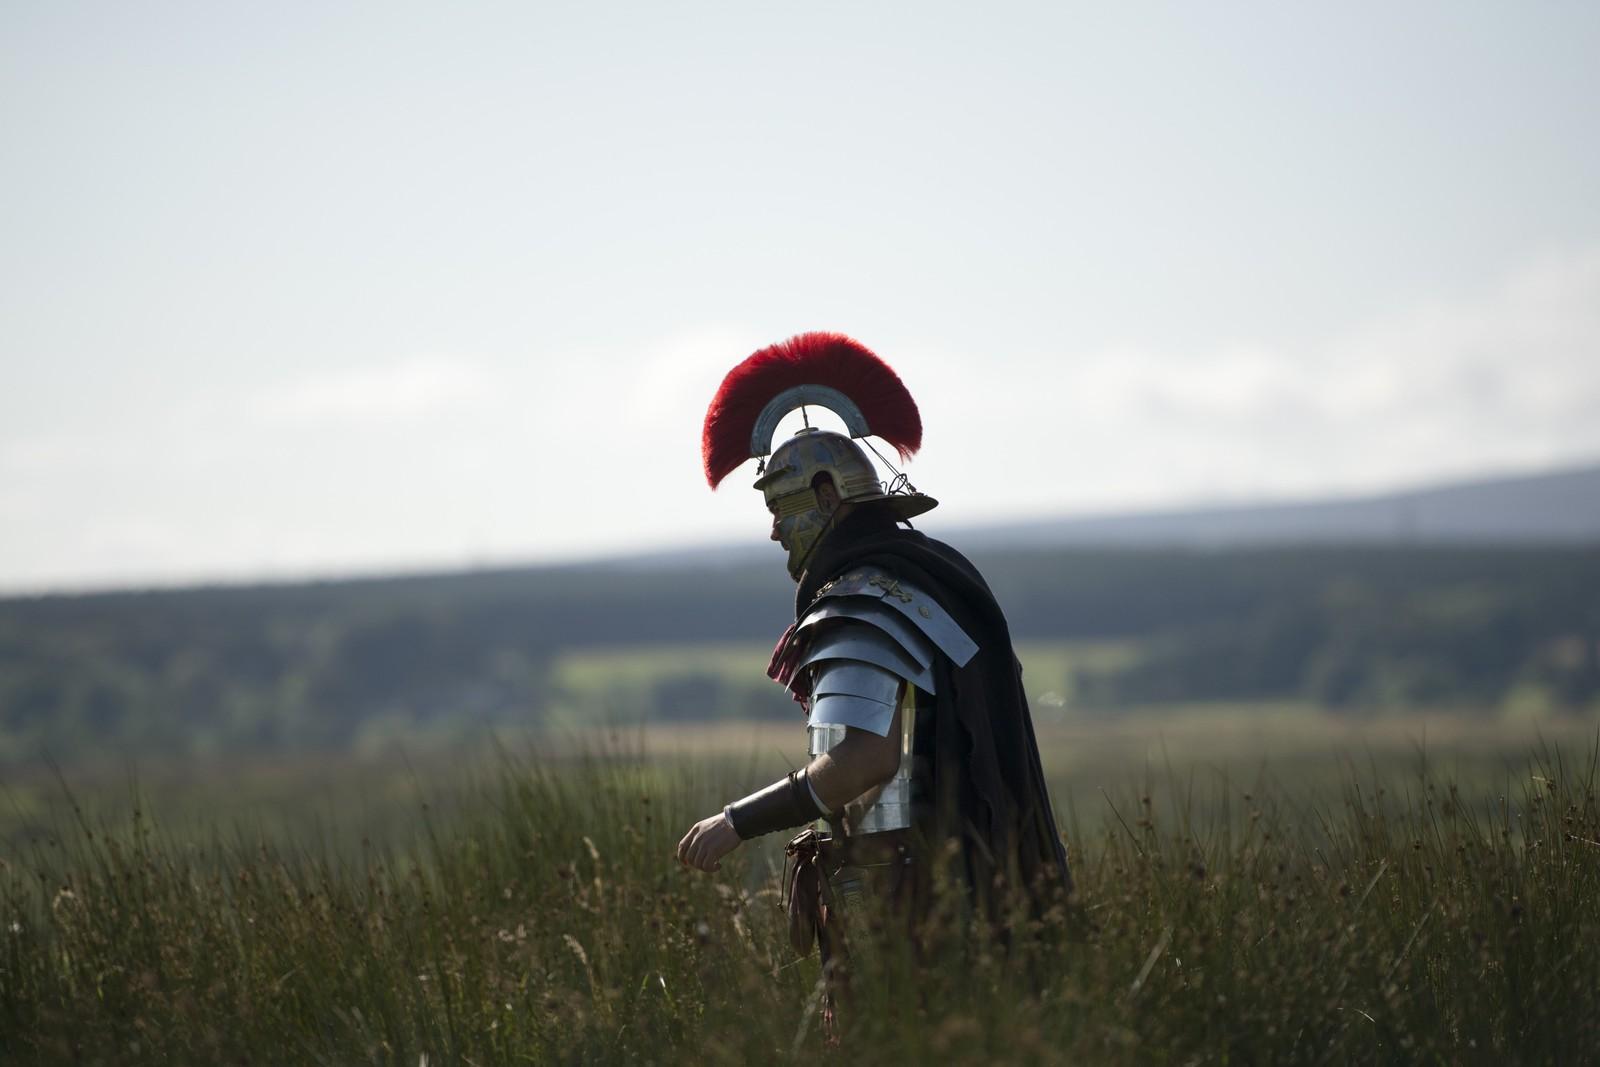 Denne mannen var en av mange som kledde seg ut som romersk soldat under arrangementet «Hadrian's wall live» i Nord-England forrige helg. Arrangementet gjenskaper blant annet et berømt slag.